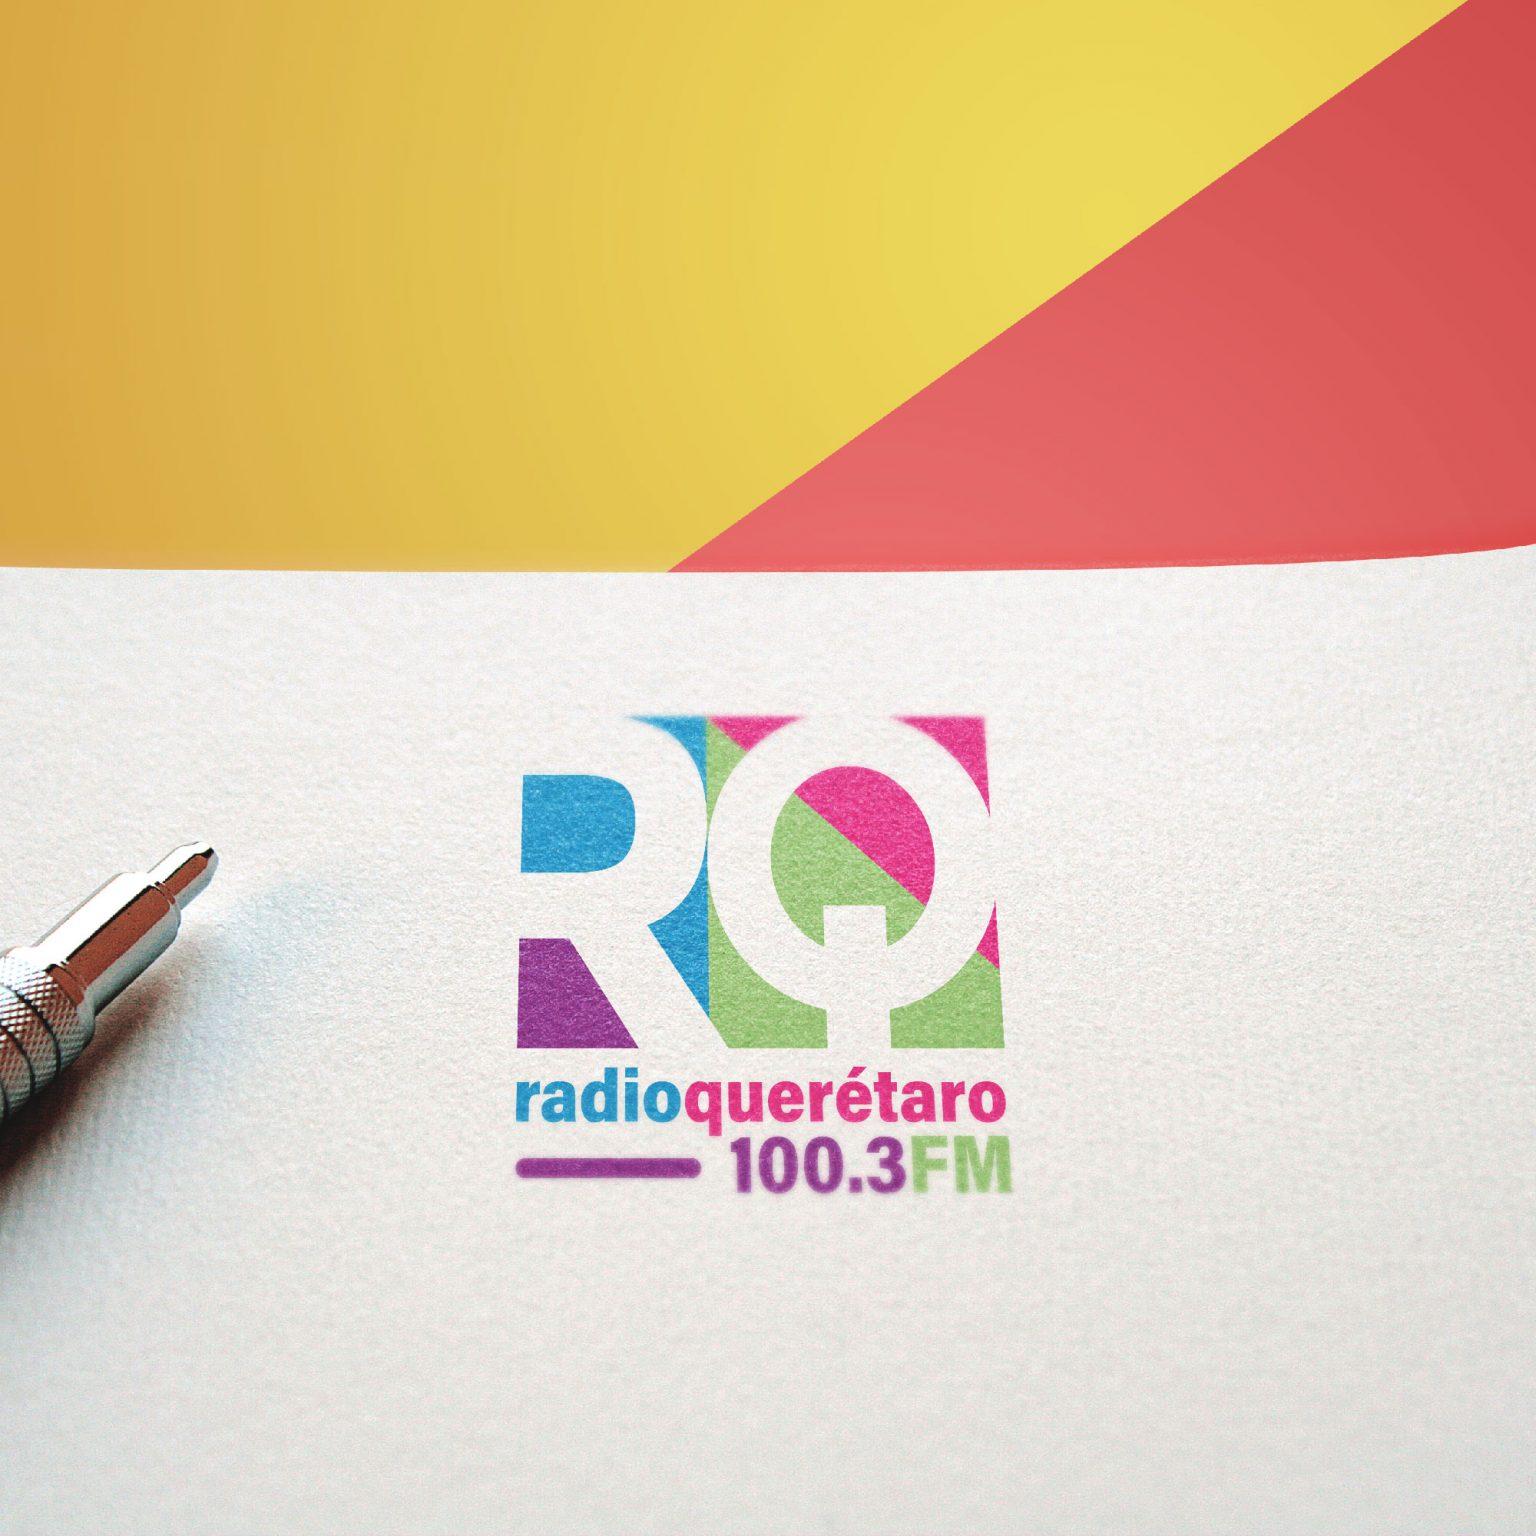 Logotipo Radio Querétaro